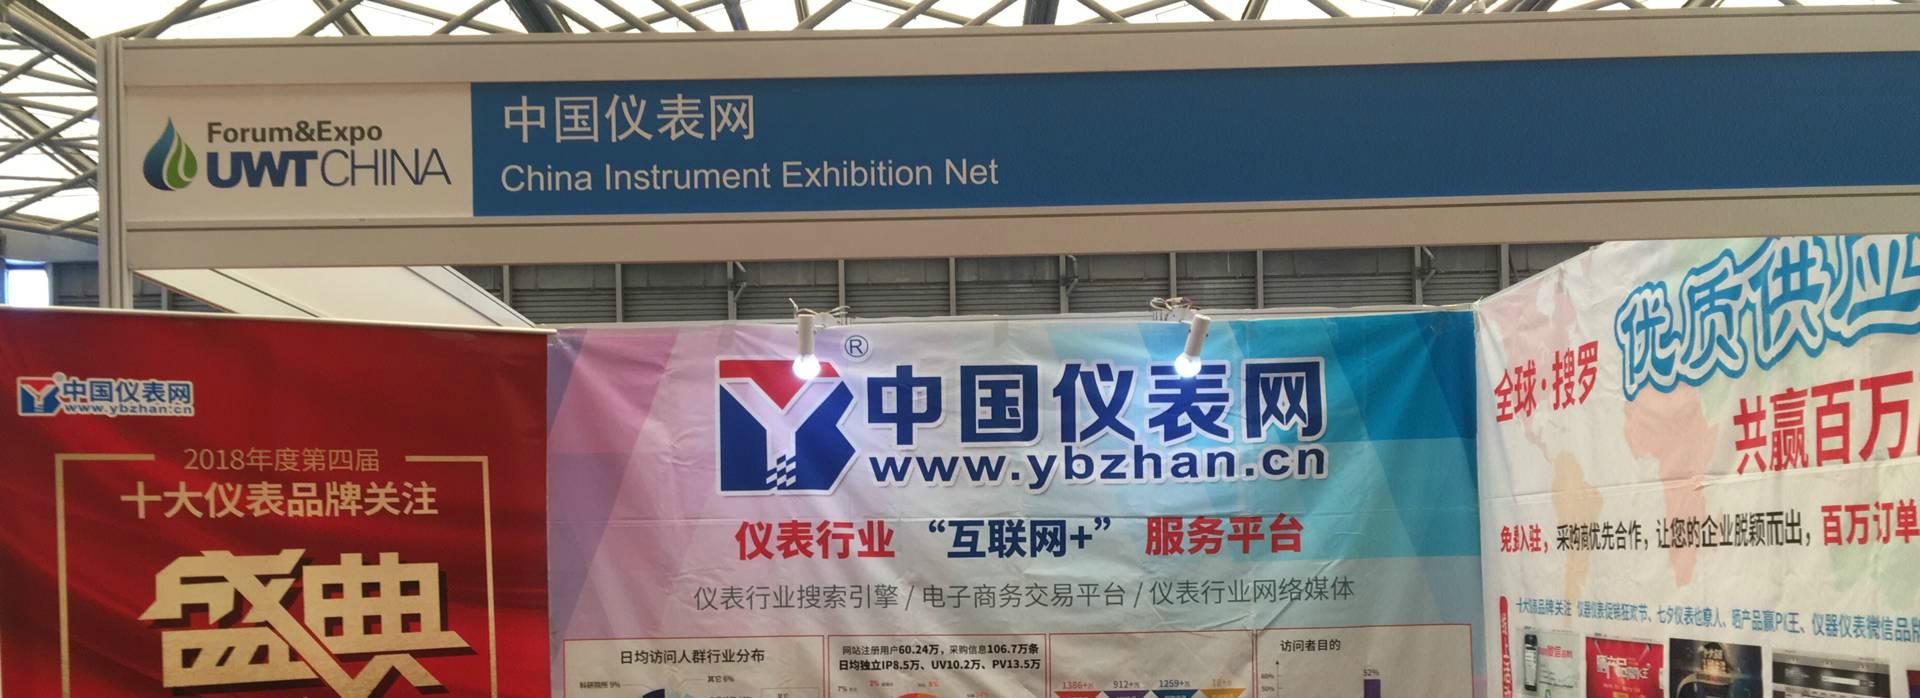 上海国际城镇给排水展开幕 多家企业参展(花絮一)